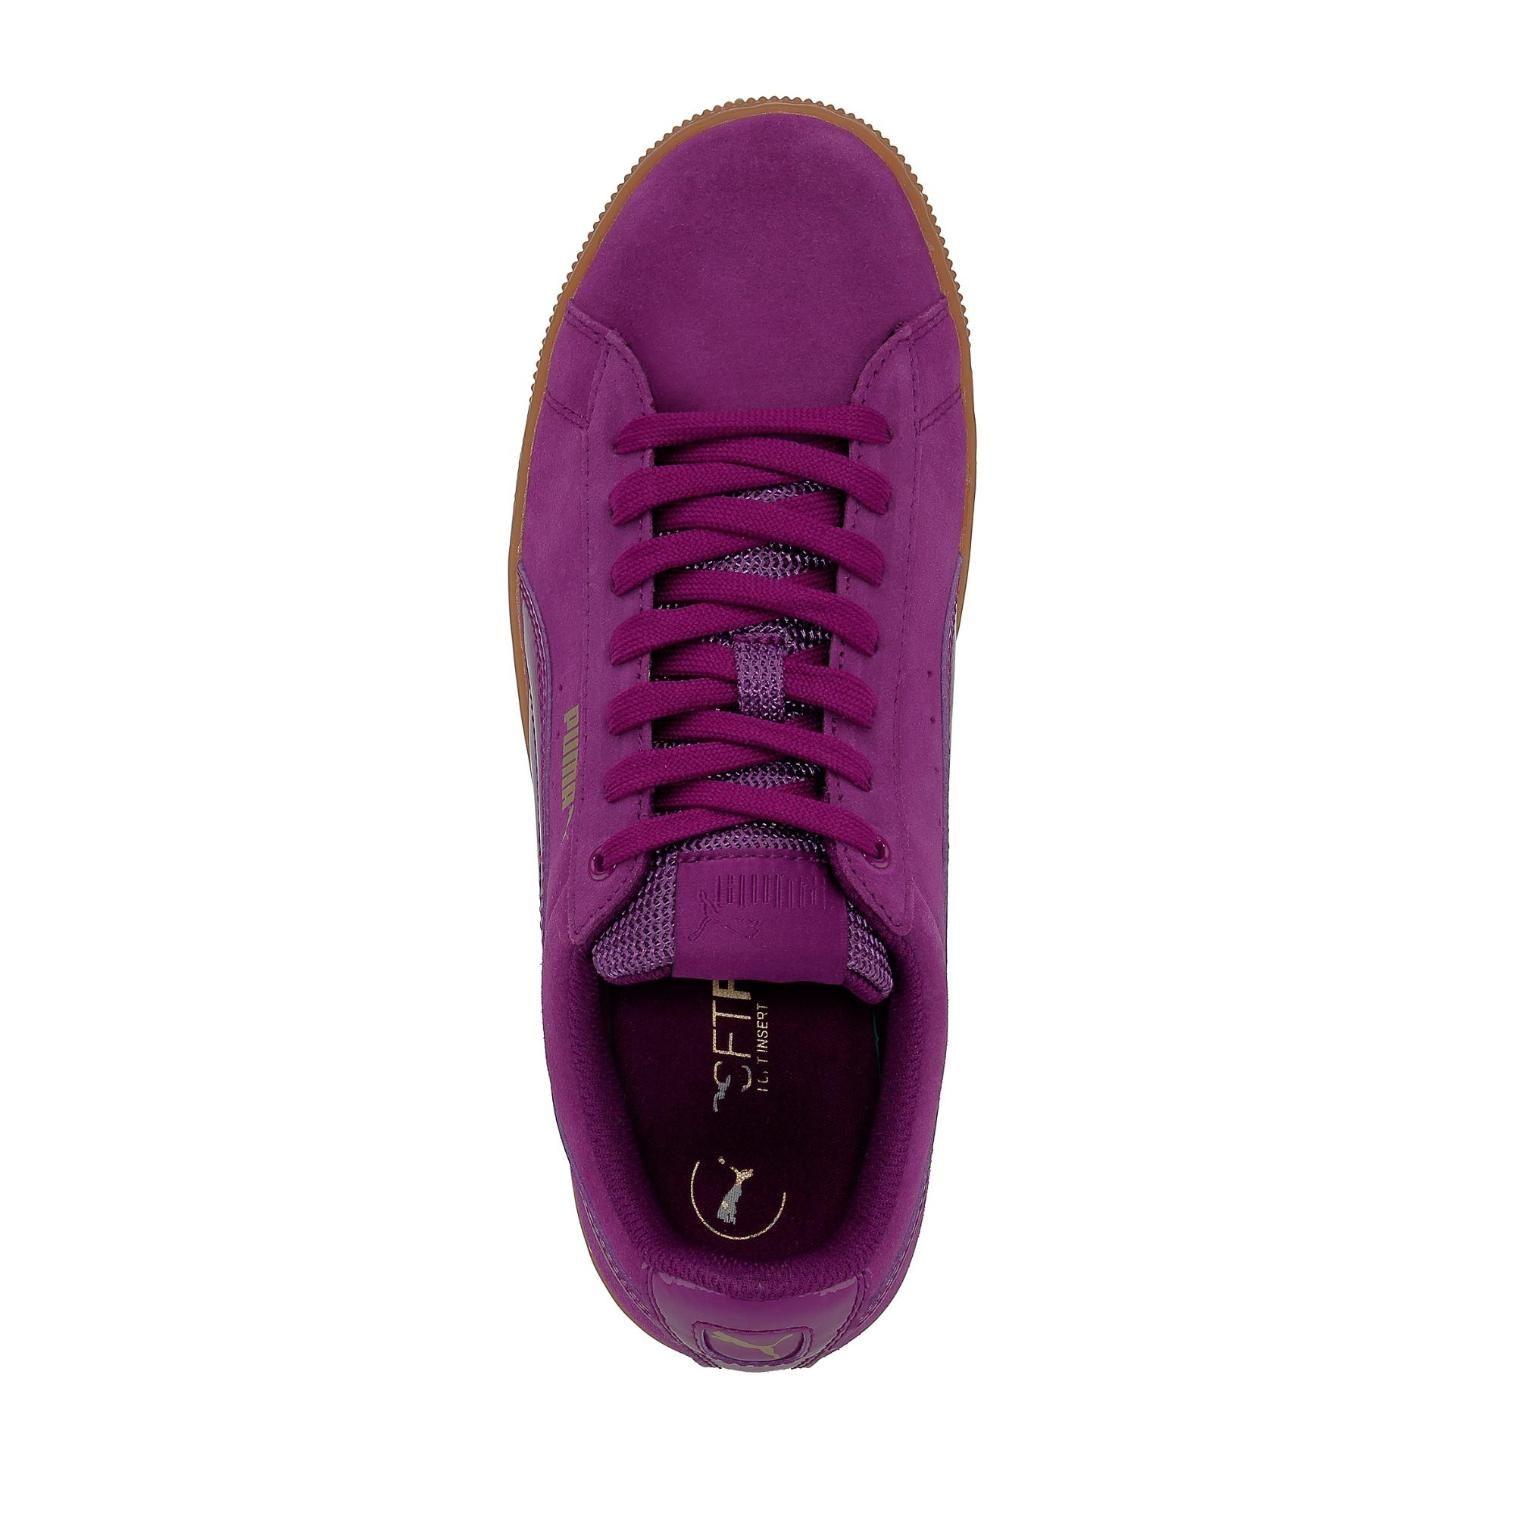 Die Textilinnenausstattung mit weicher Softfoam Innensohle ermöglicht ein  hervorragendes Tragegefühl. Abgerundet wird der Sneaker durch eine ... 9145a3516a